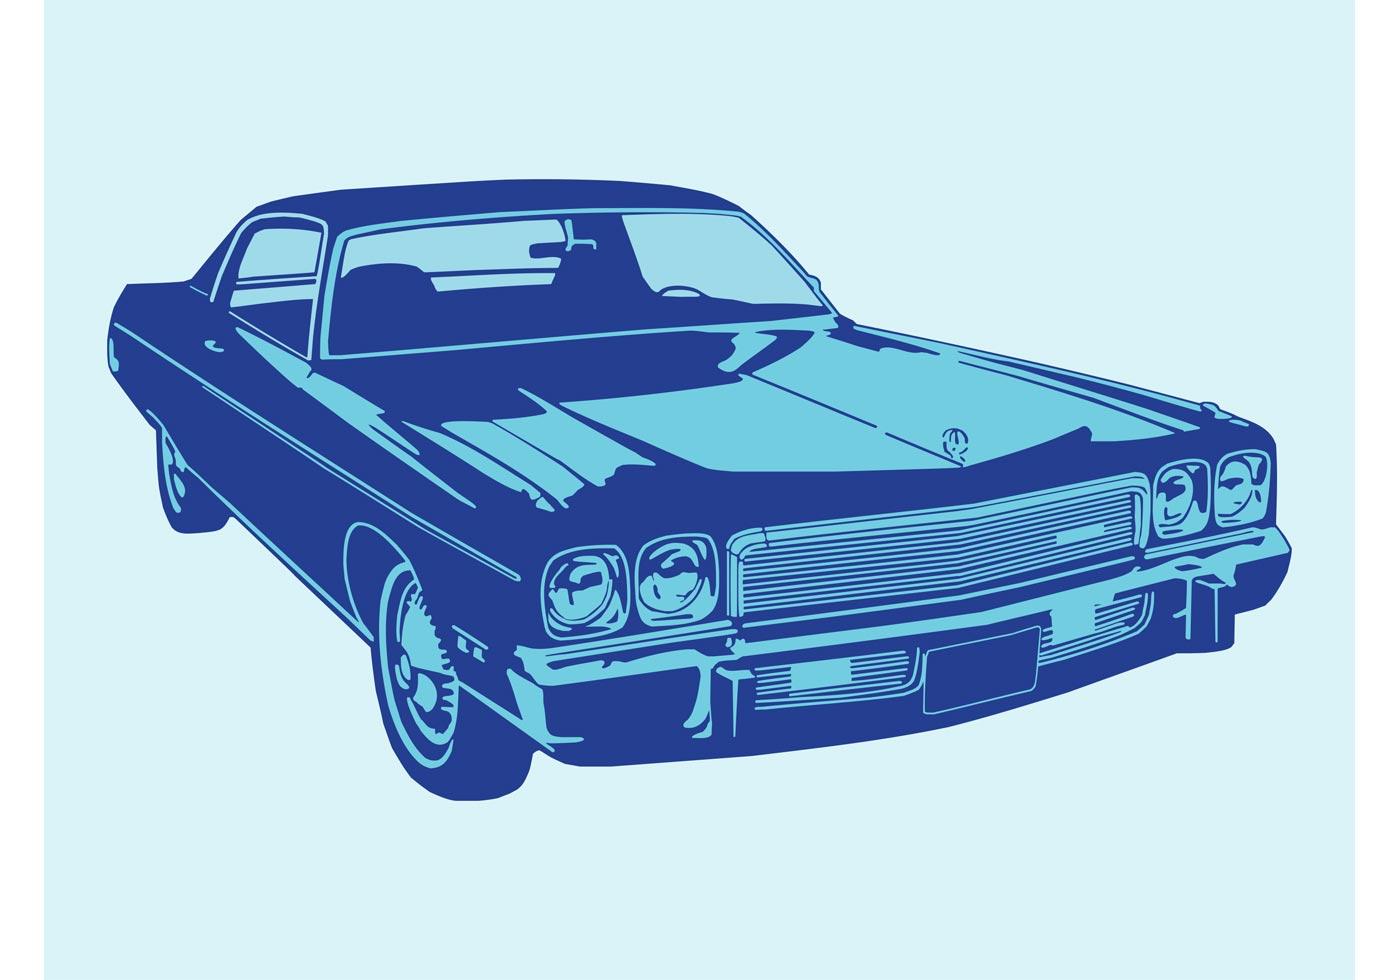 Cartoon Car Vector - Download Free Vectors, Clipart ...